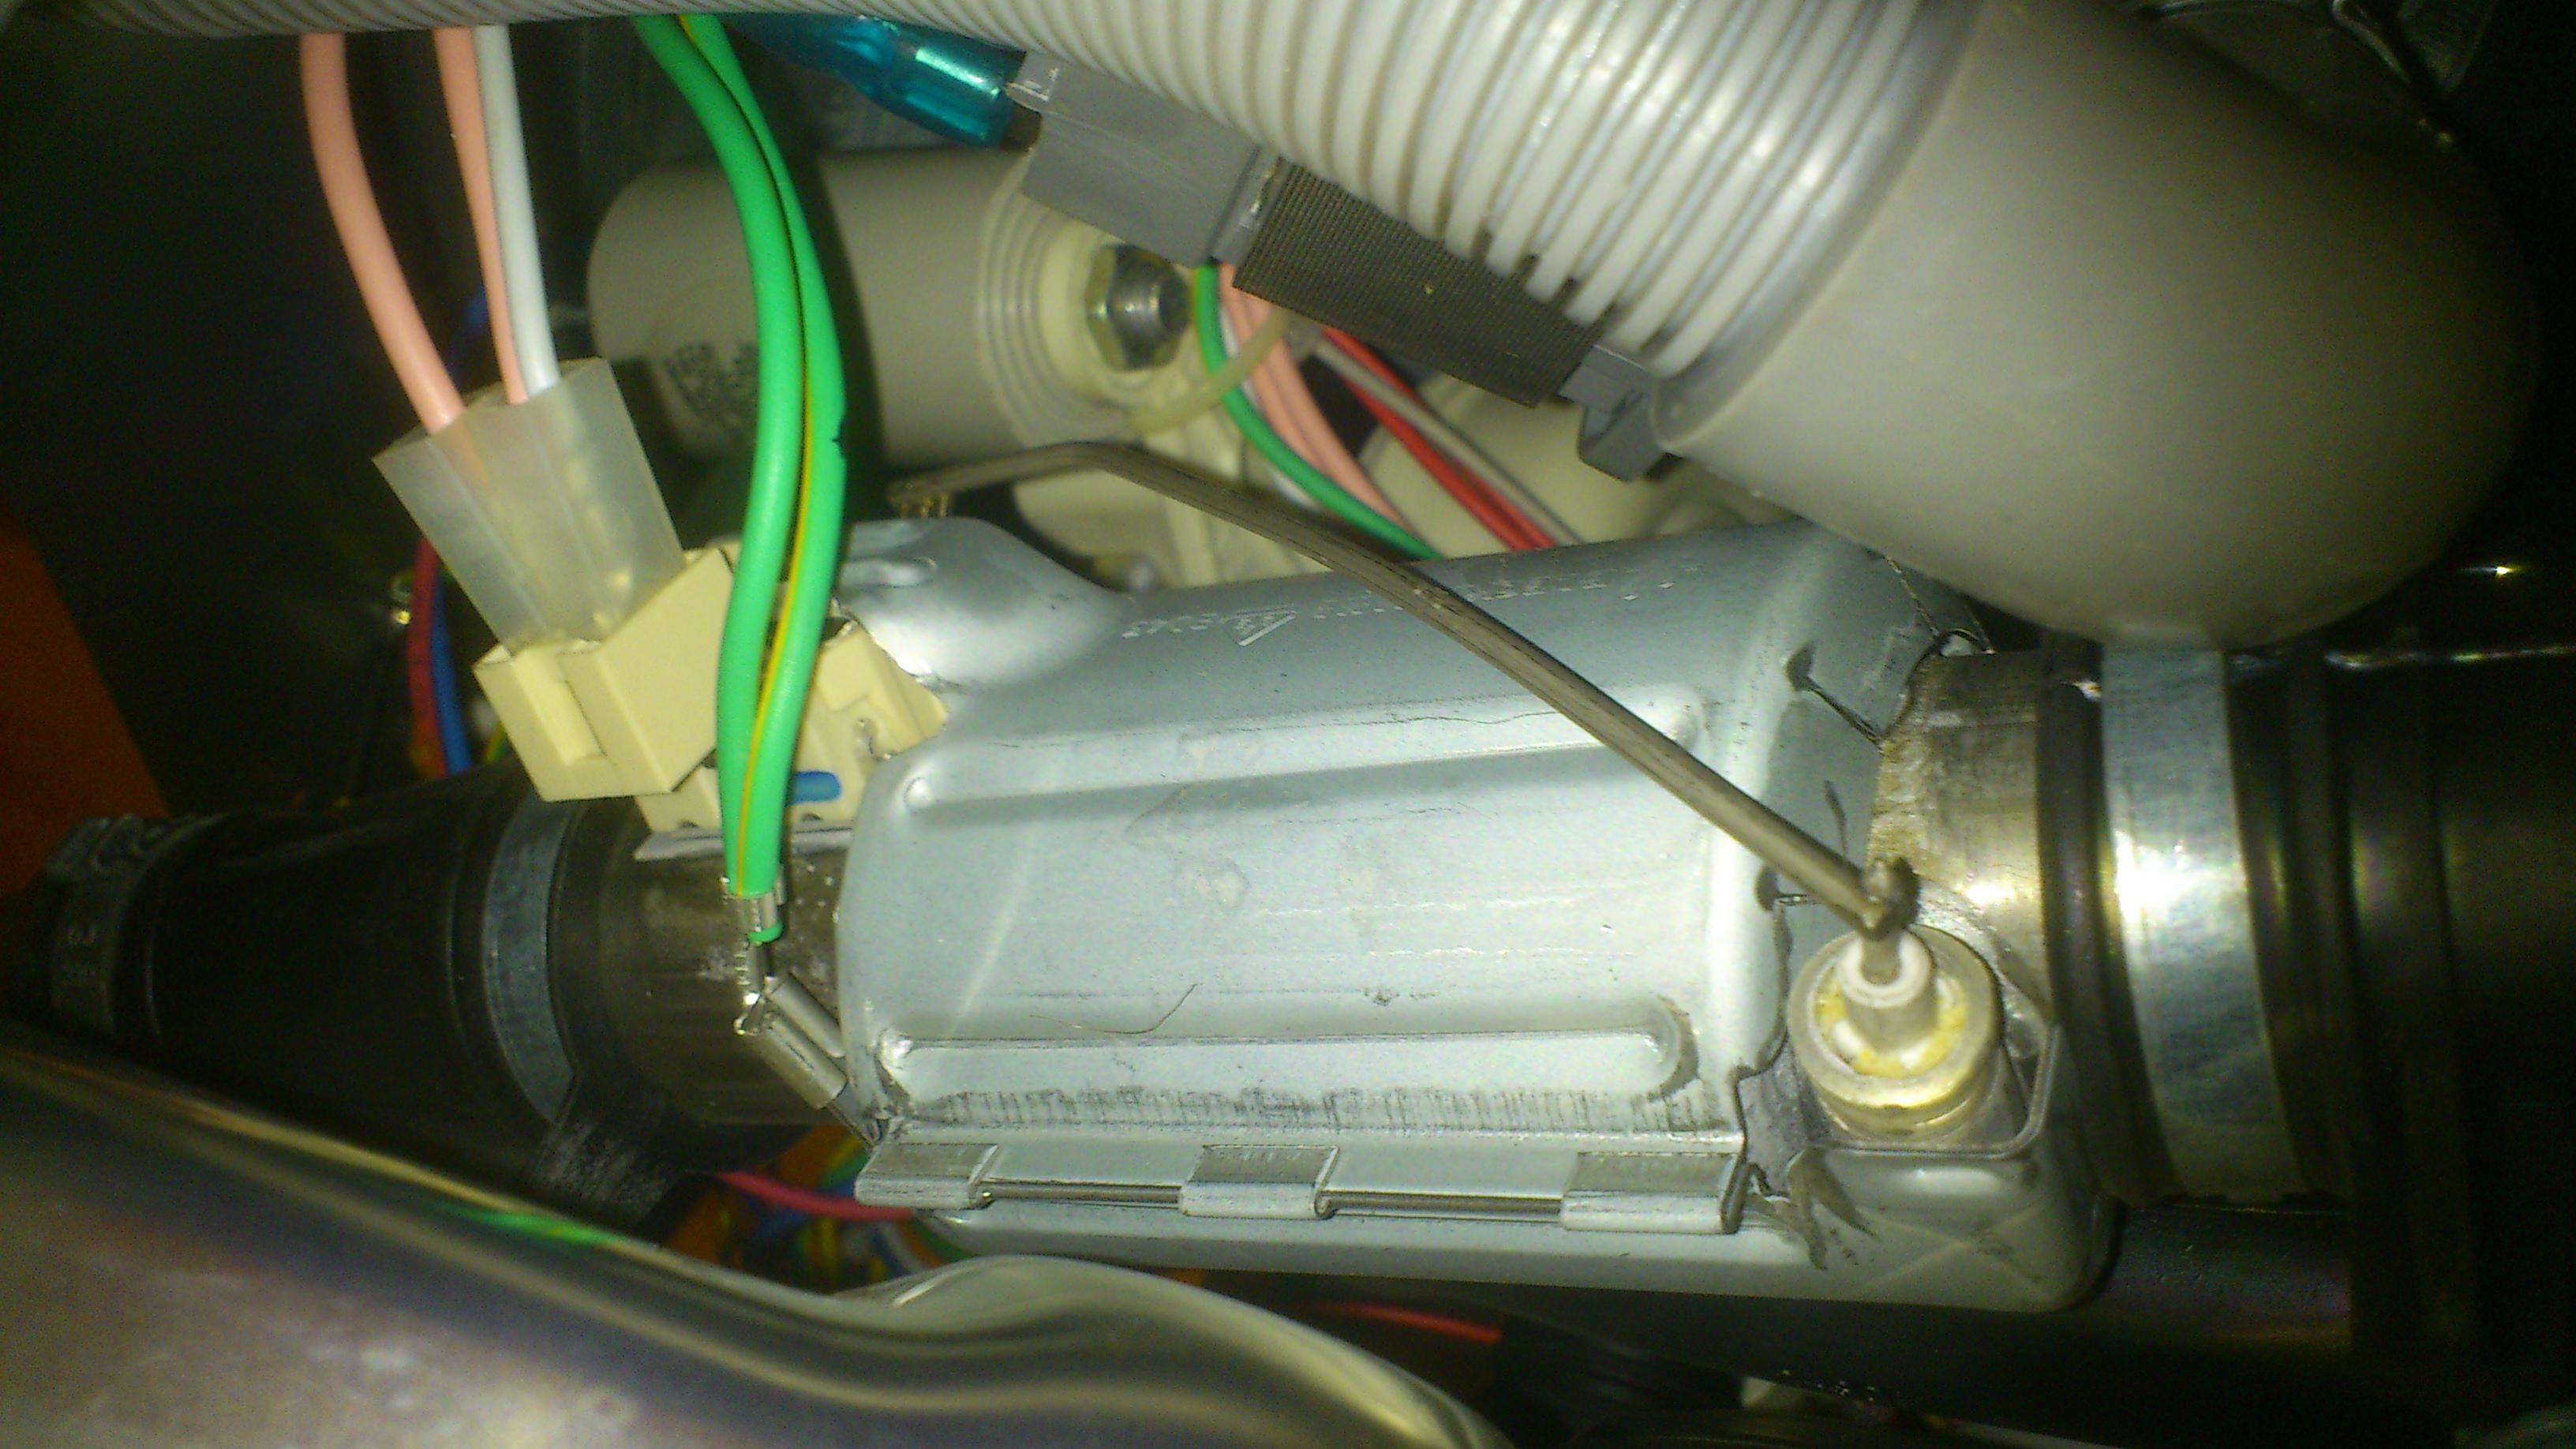 wo sitzt der temperatursensor bei einer  ~ Geschirrspülmaschine Exquisit